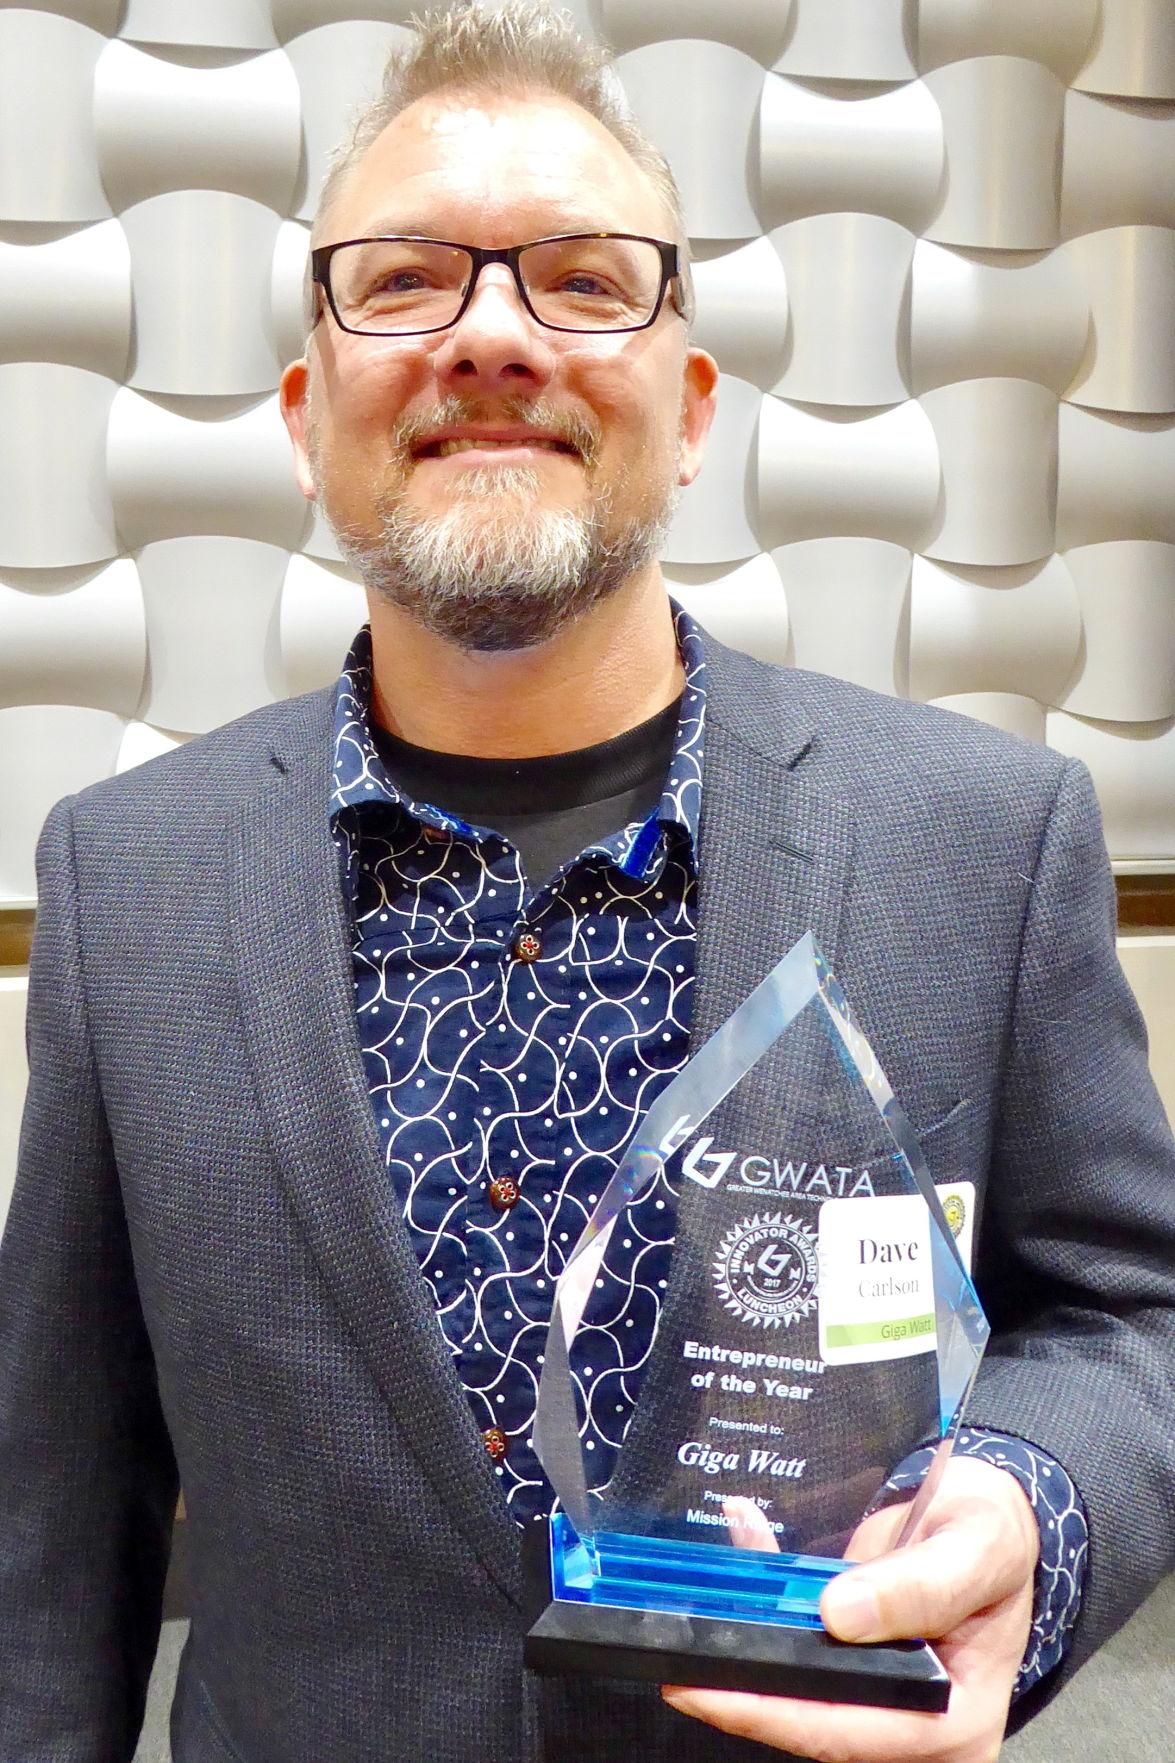 Giga Watt, PA&E take top GWATA awards